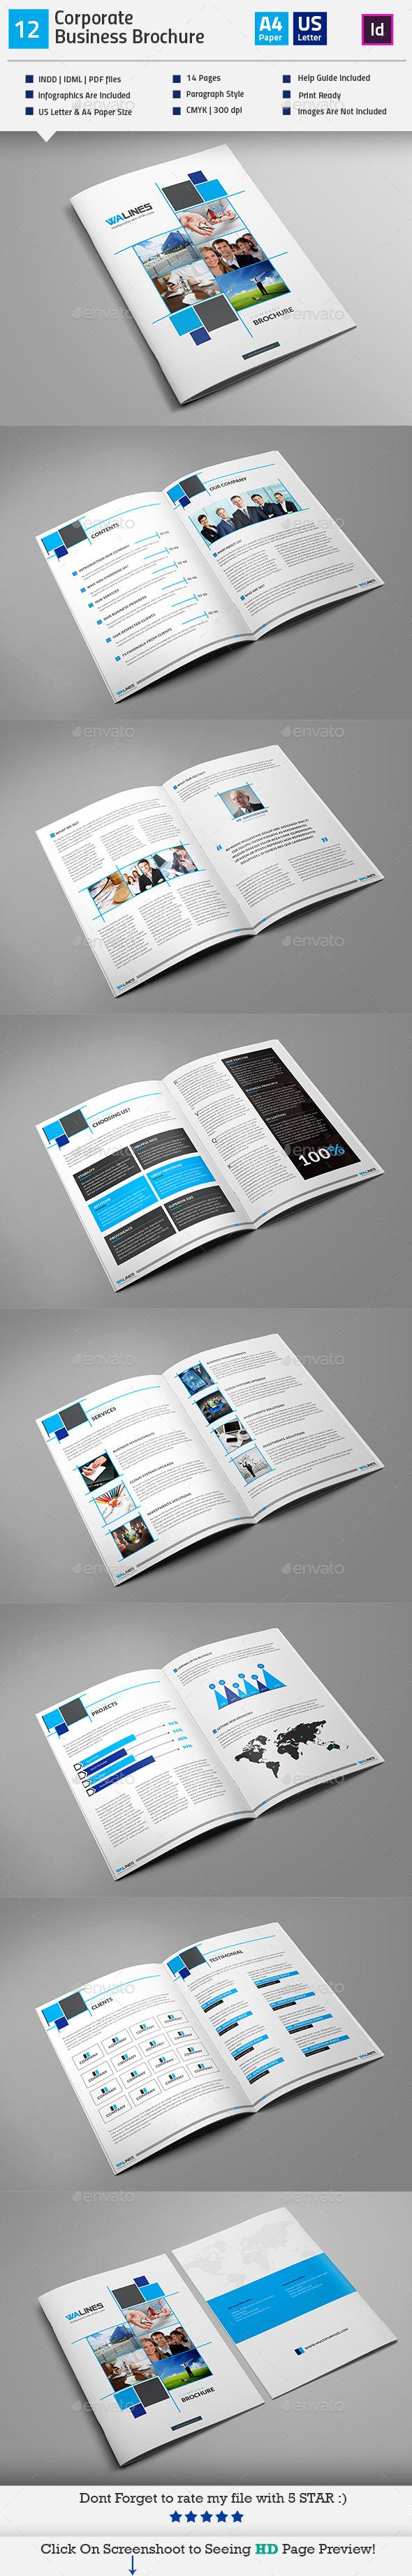 GraphicRiver Multipurpose Business Brochure Indesign V12 11885104